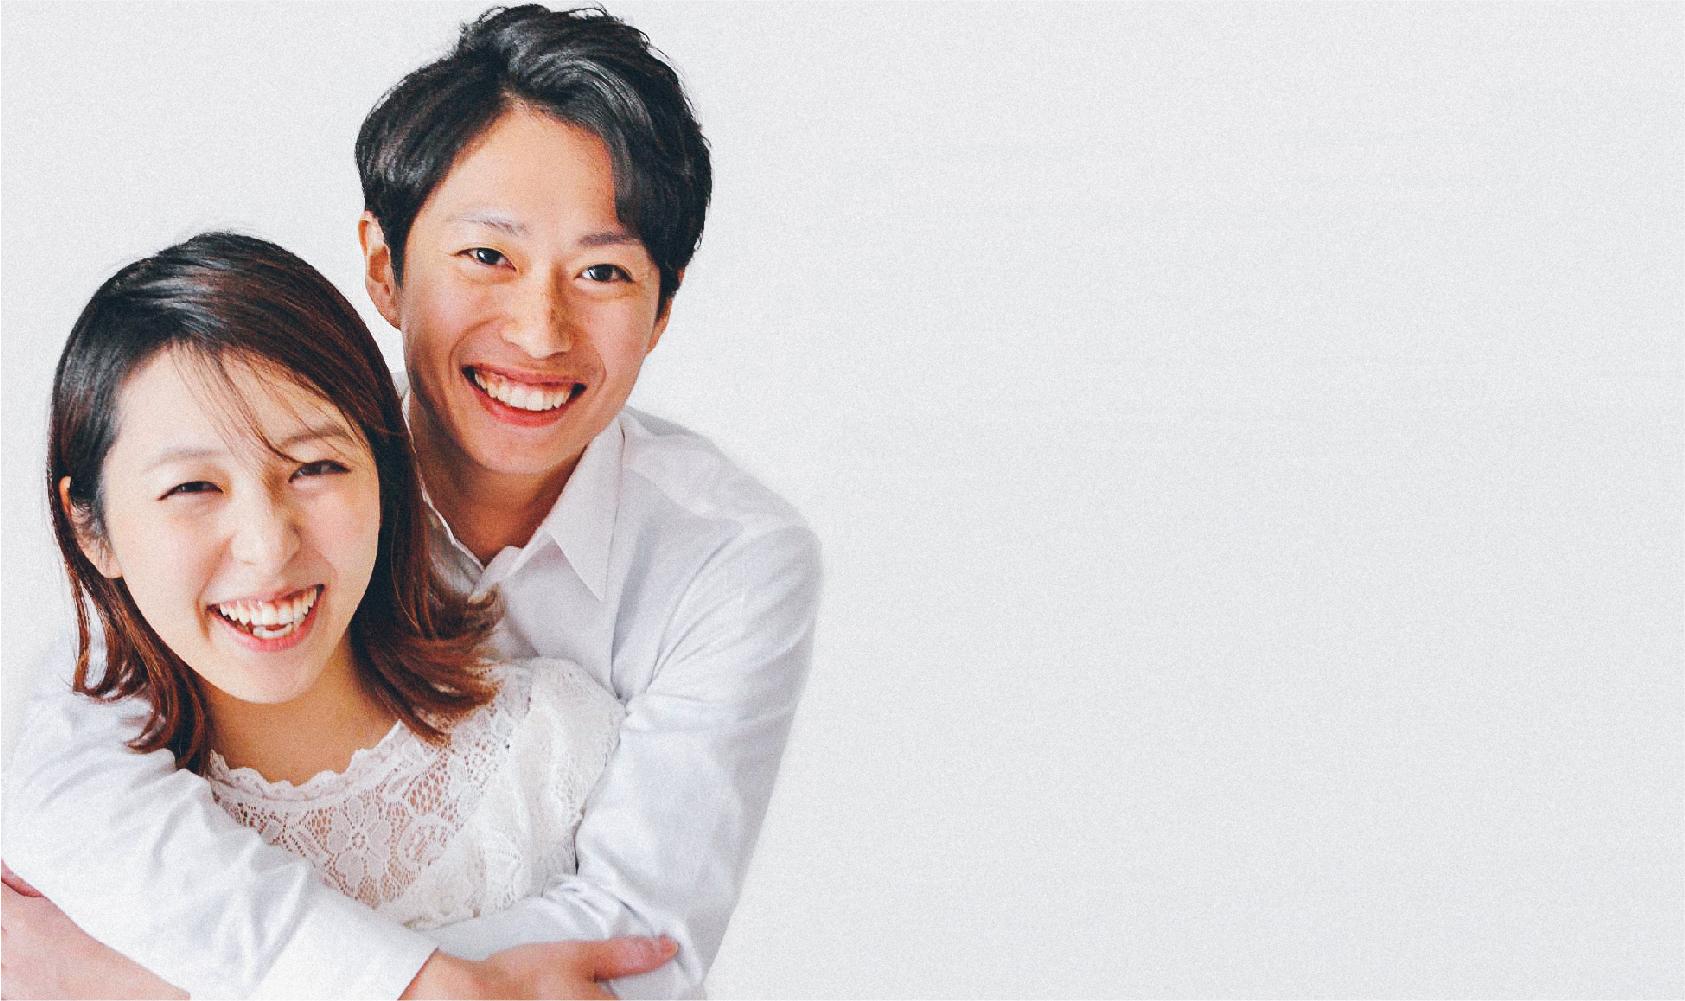 プロポーズ / 婚約お守り / 手紙 / KOTORIお守り(レターセットタイプ)